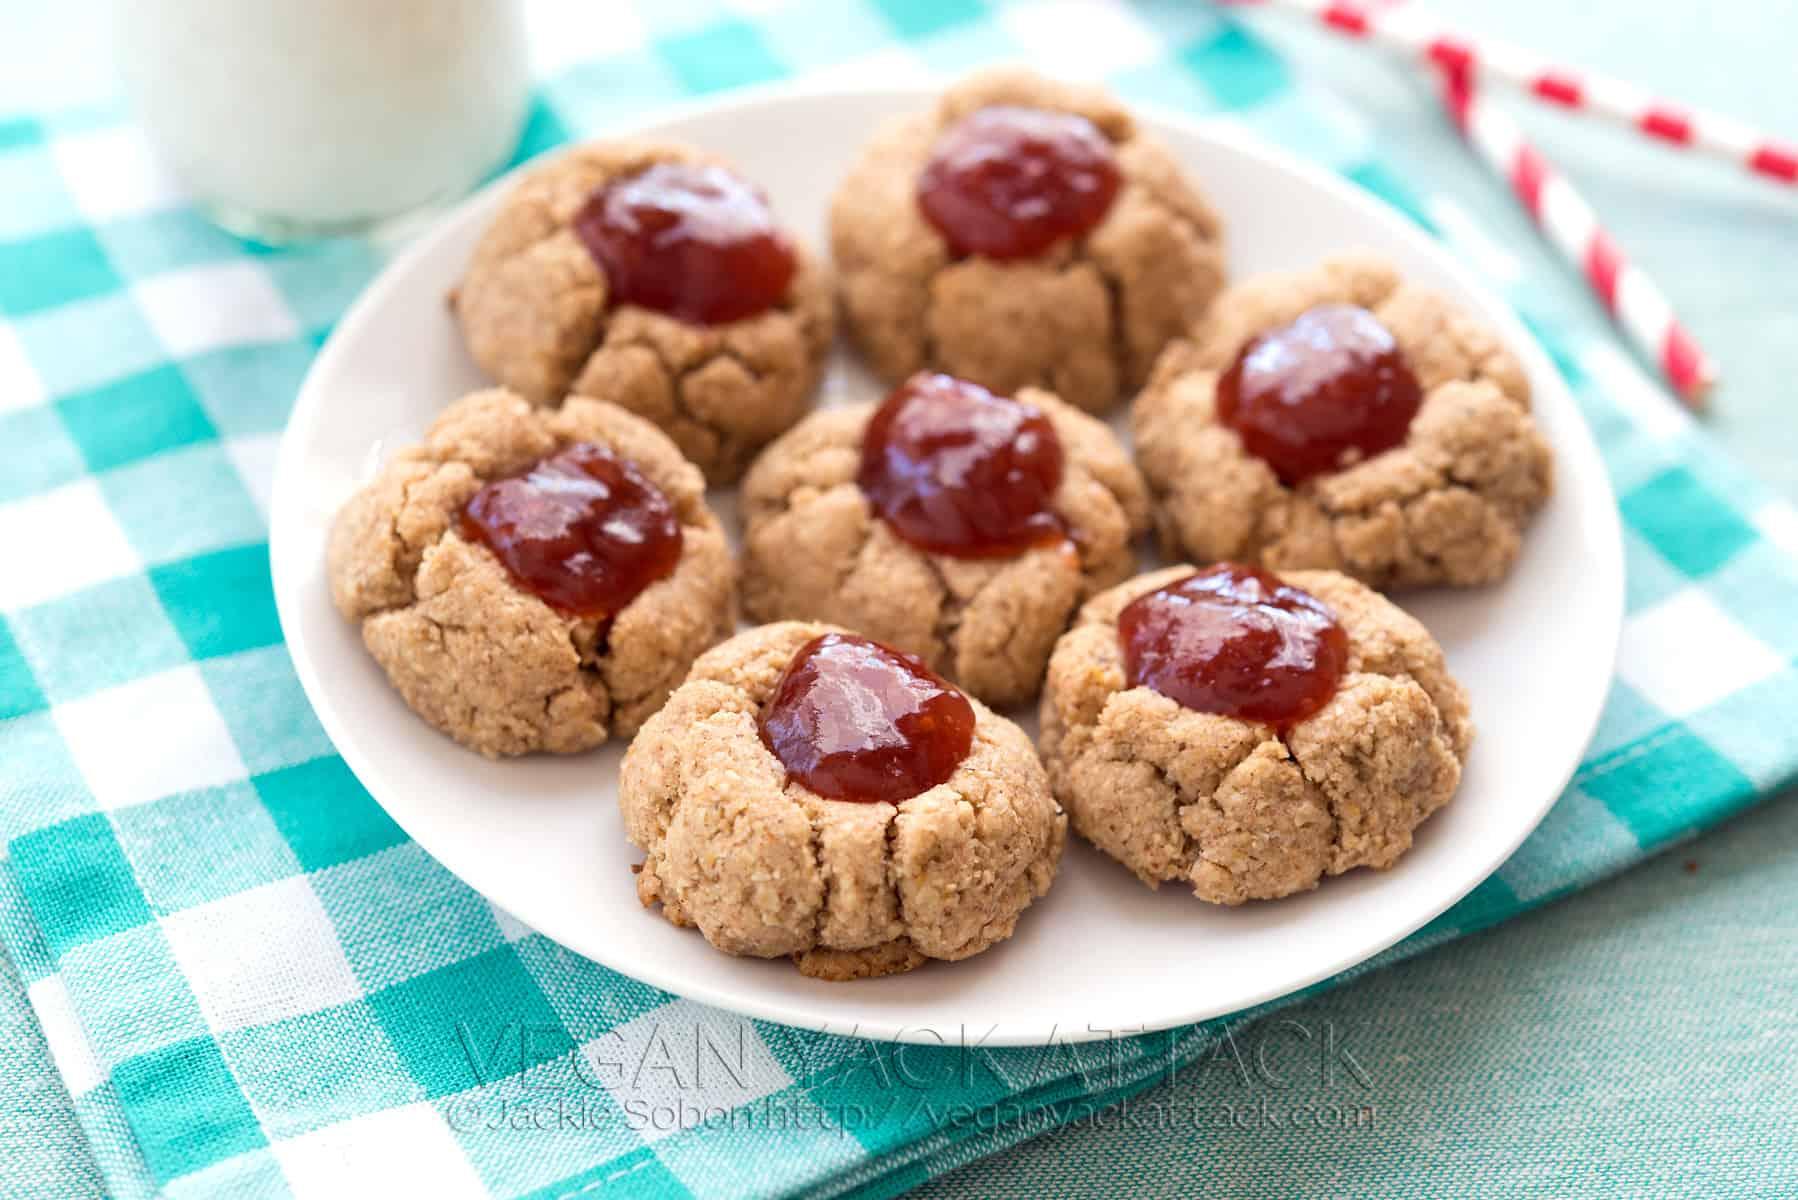 Gluten-free Almond Butter-Jam Thumbprint Cookies